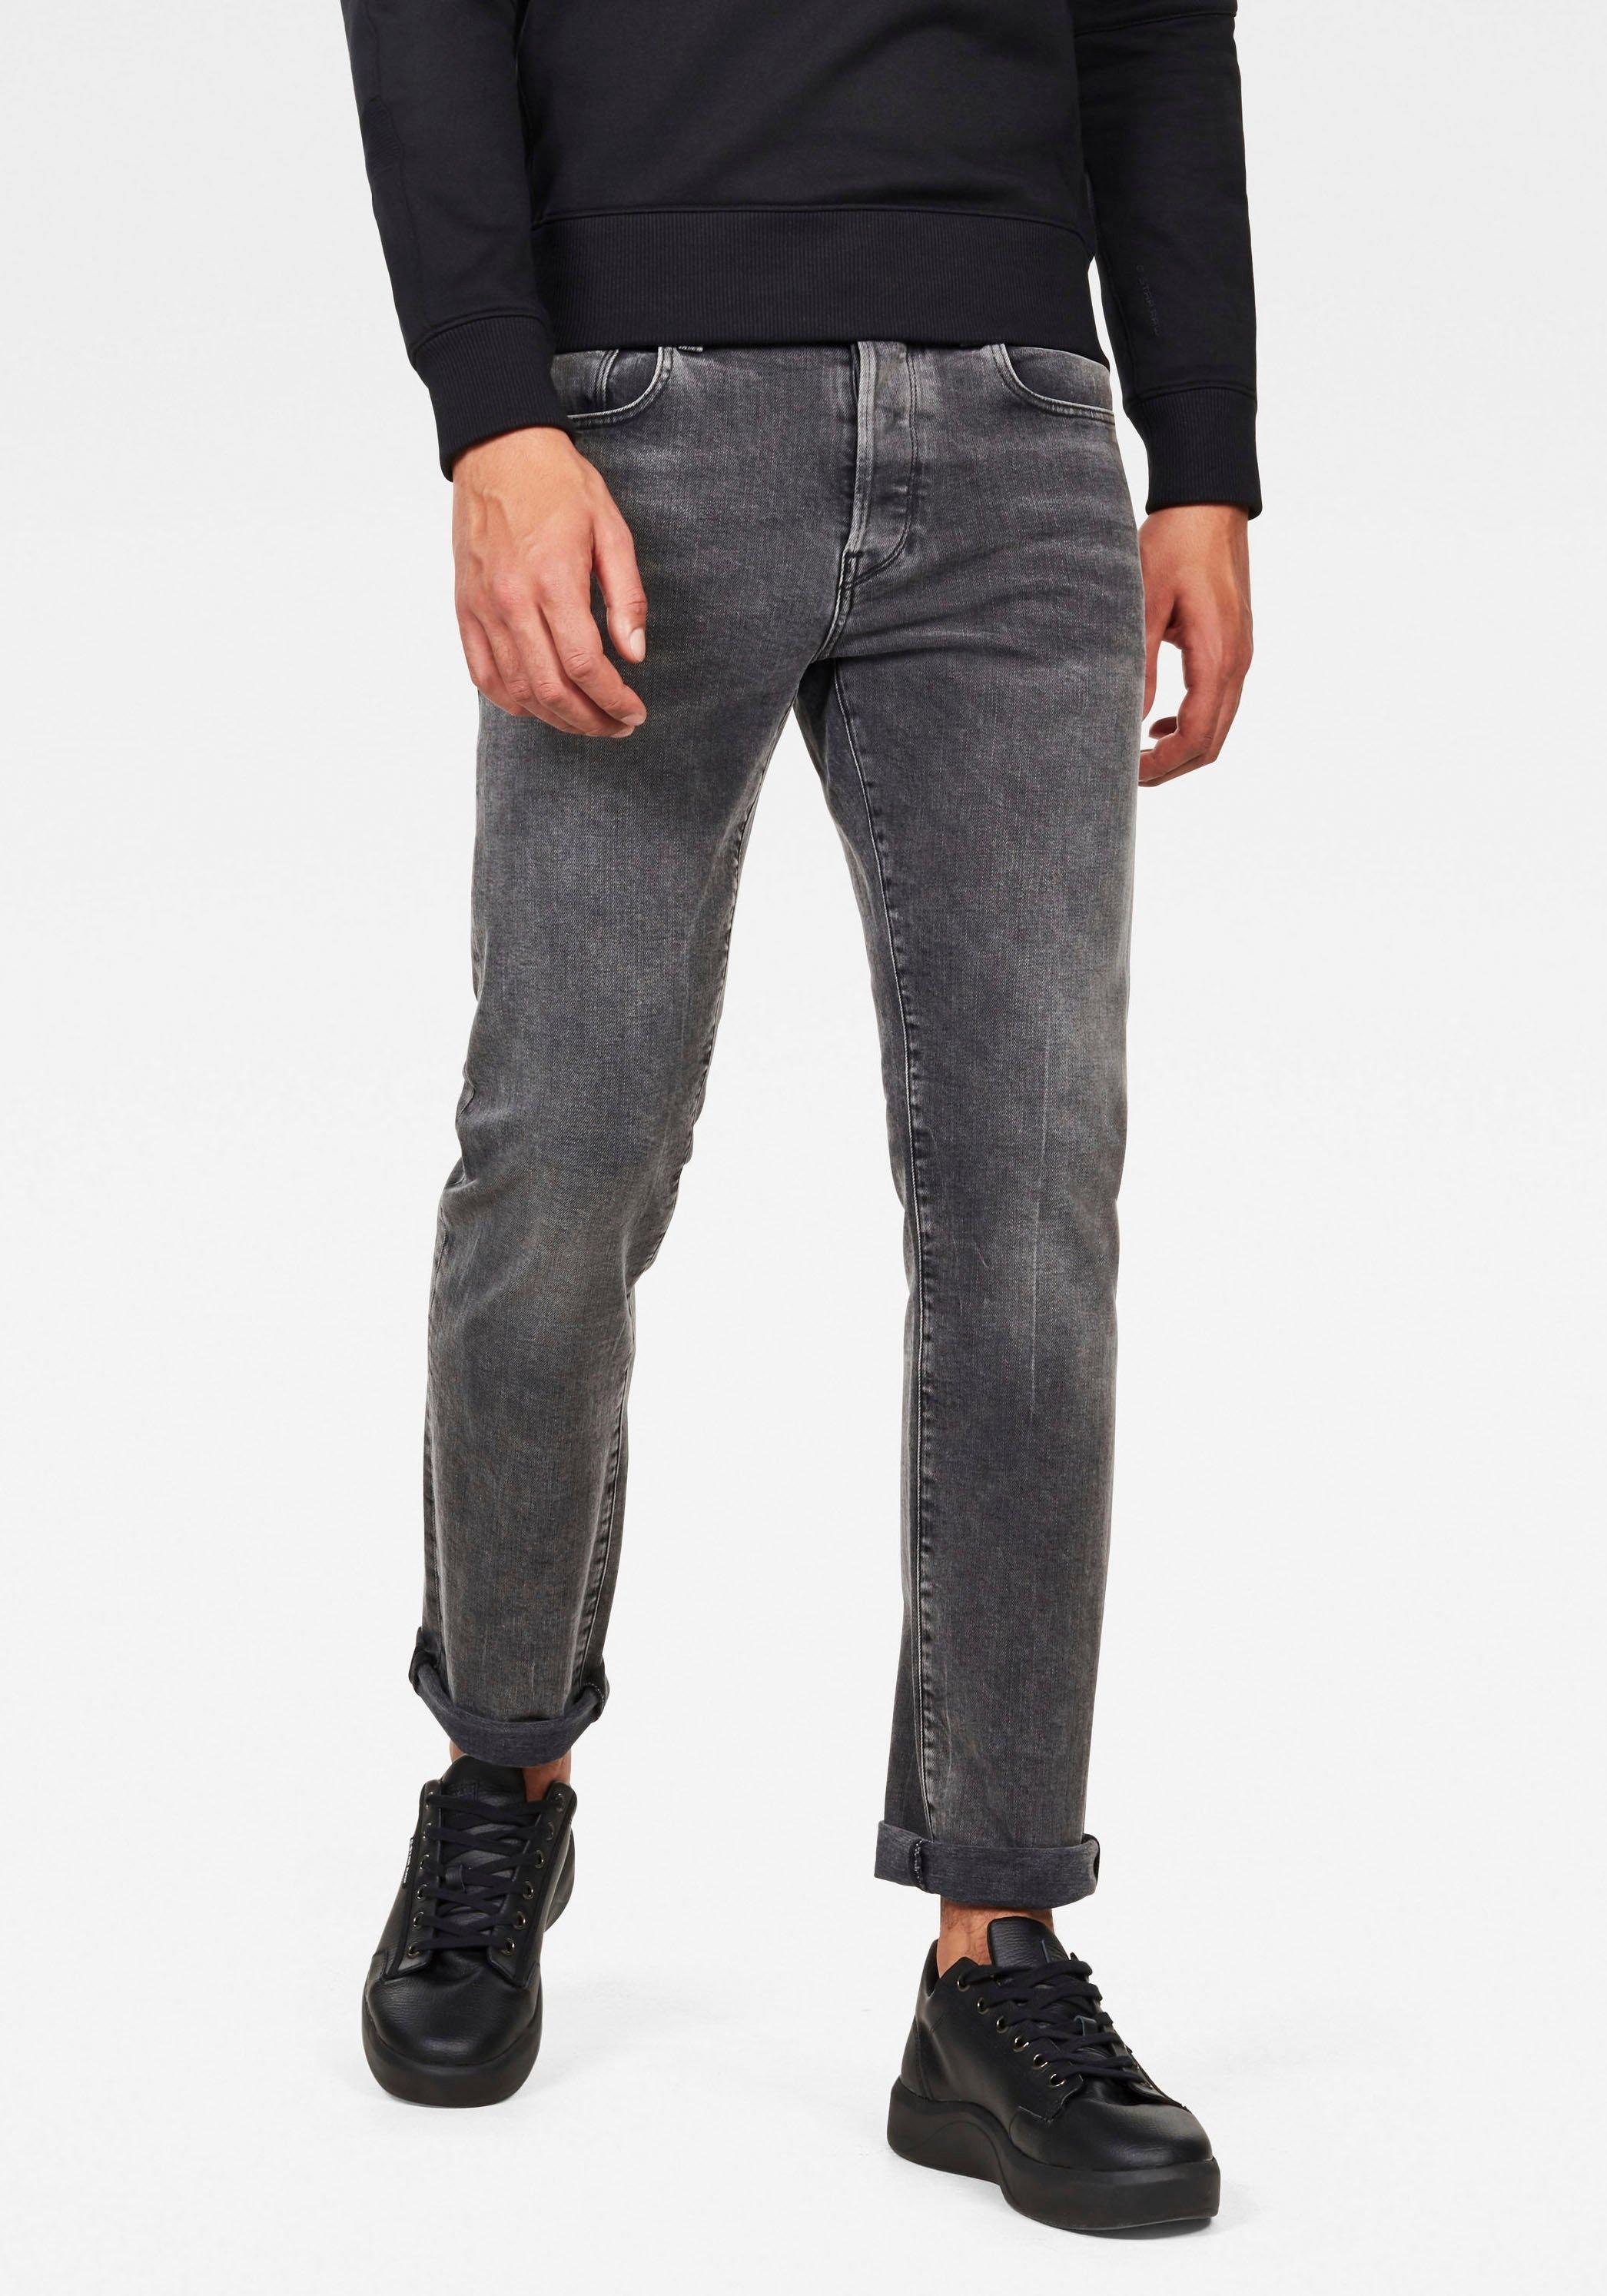 G-Star RAW straight jeans 3301 Straight bestellen: 30 dagen bedenktijd